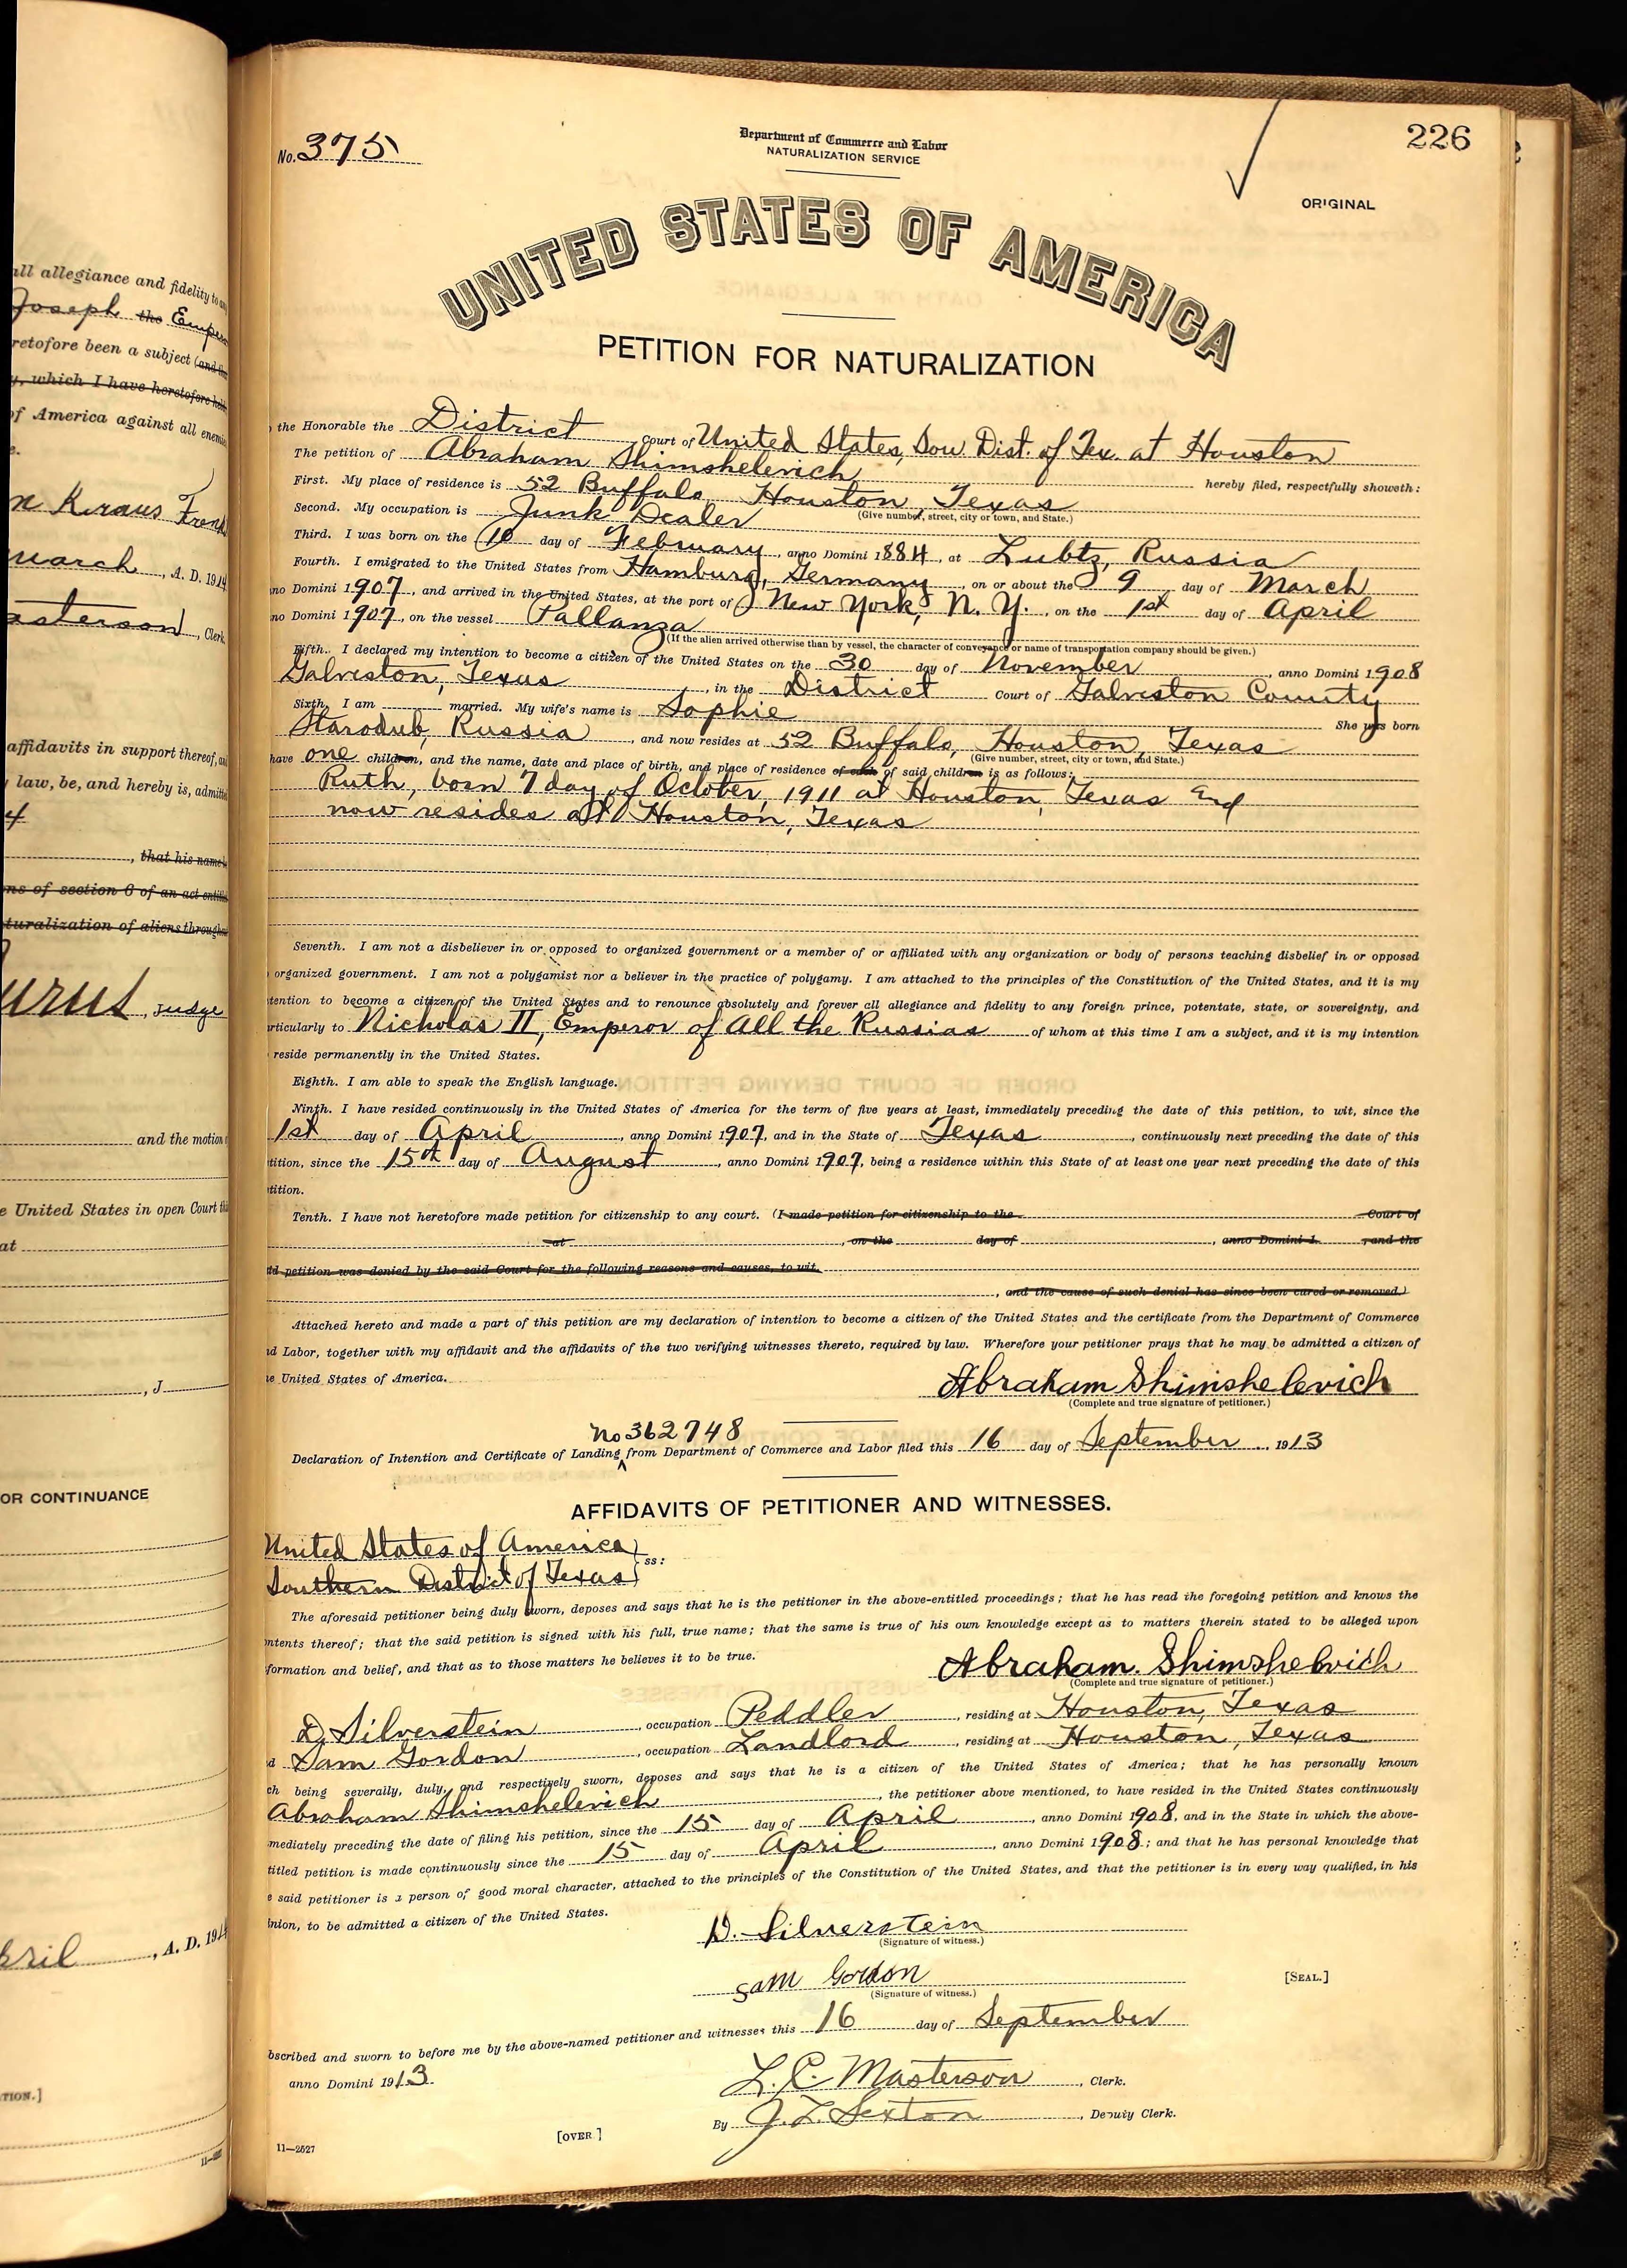 Abraham Shimshelevich Age: 29 Birth Date: 10 Feb 1884 Birth Place: Lubtz,